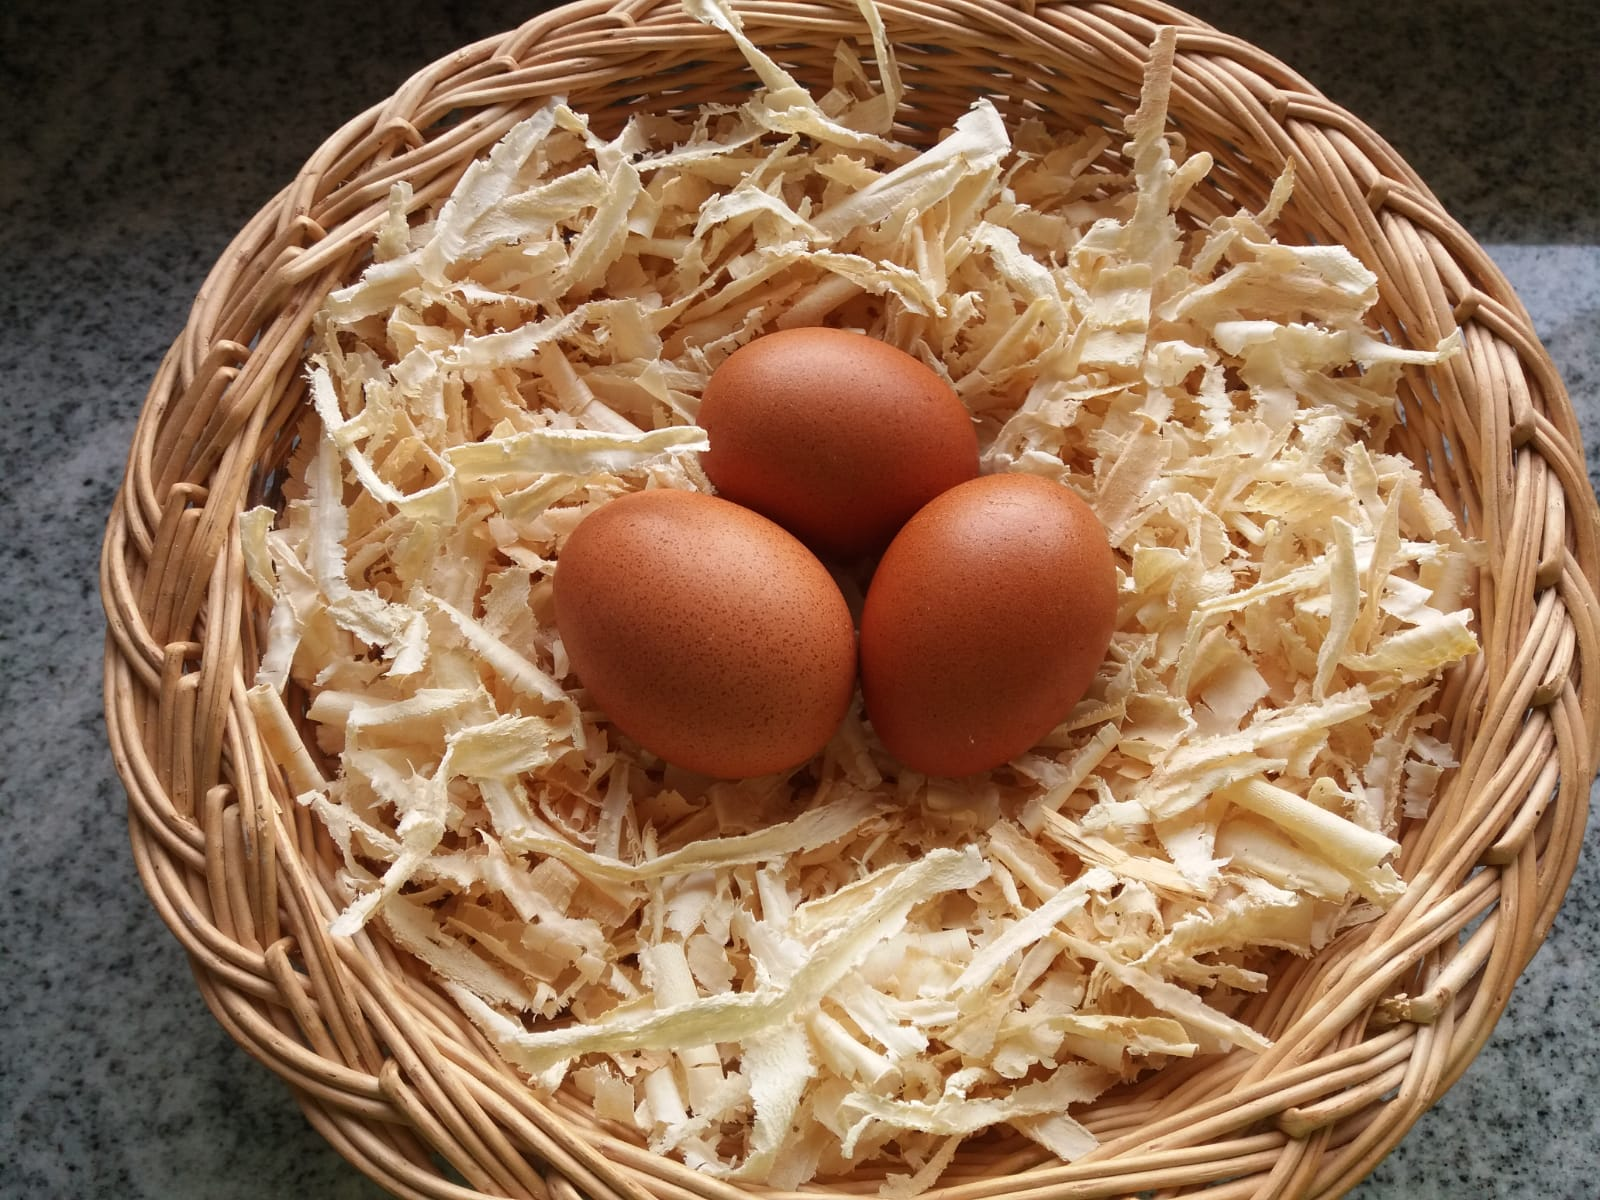 02-dunkelbraune-eier-von-den-maran